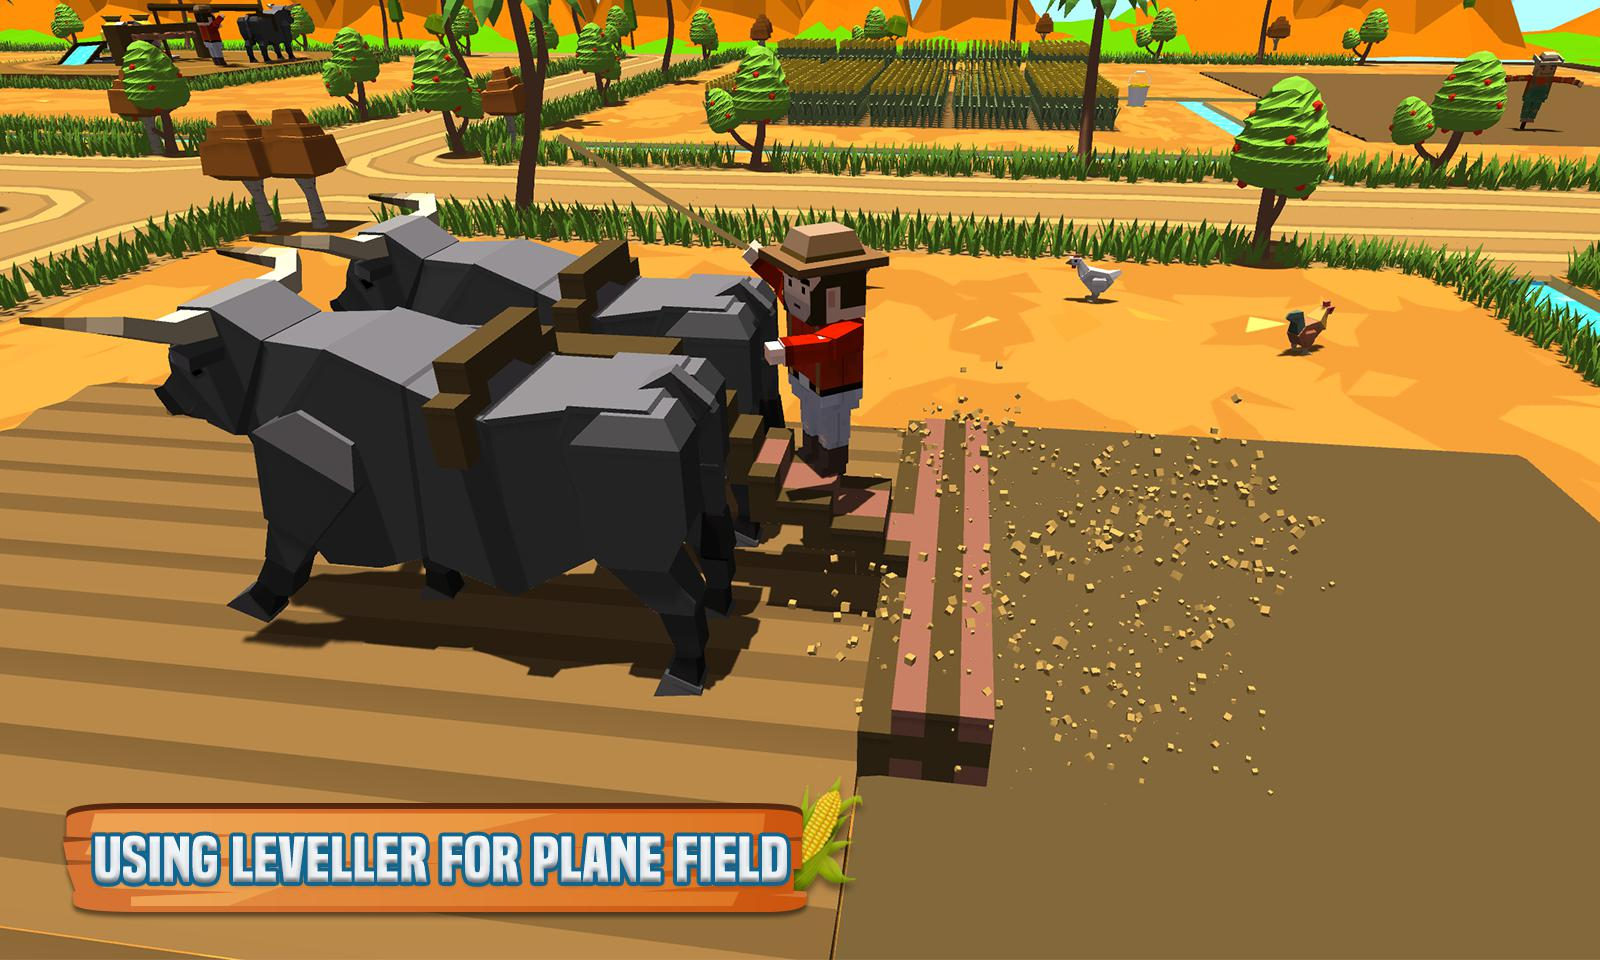 玉米农场专业:块状农民模拟器 游戏截图2